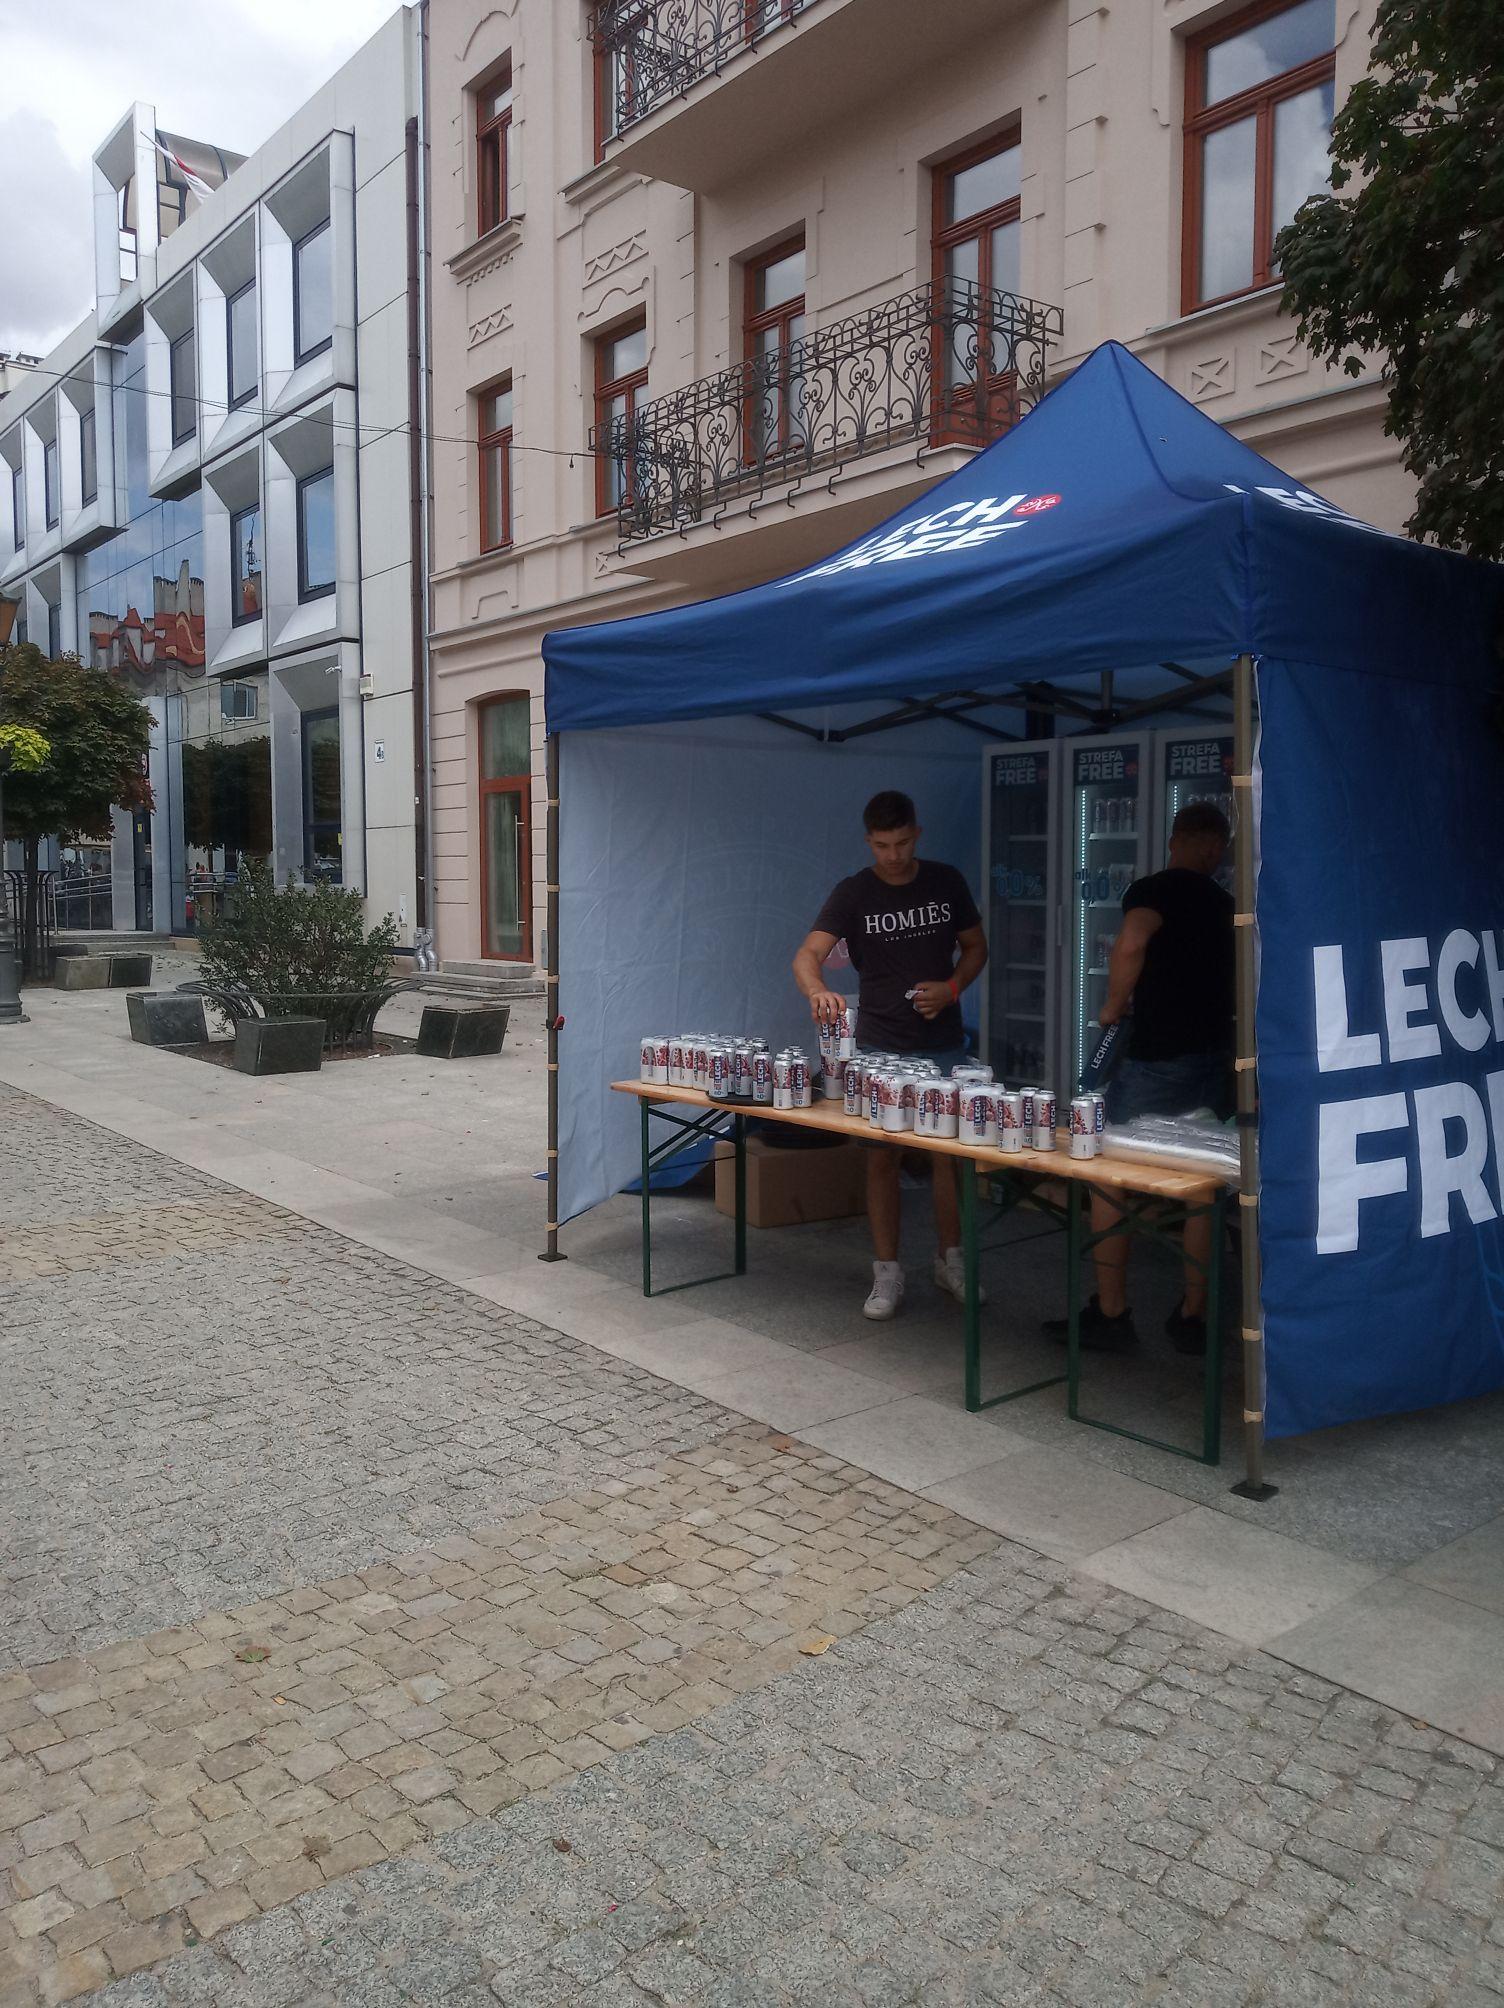 Lech free za darmo Płock